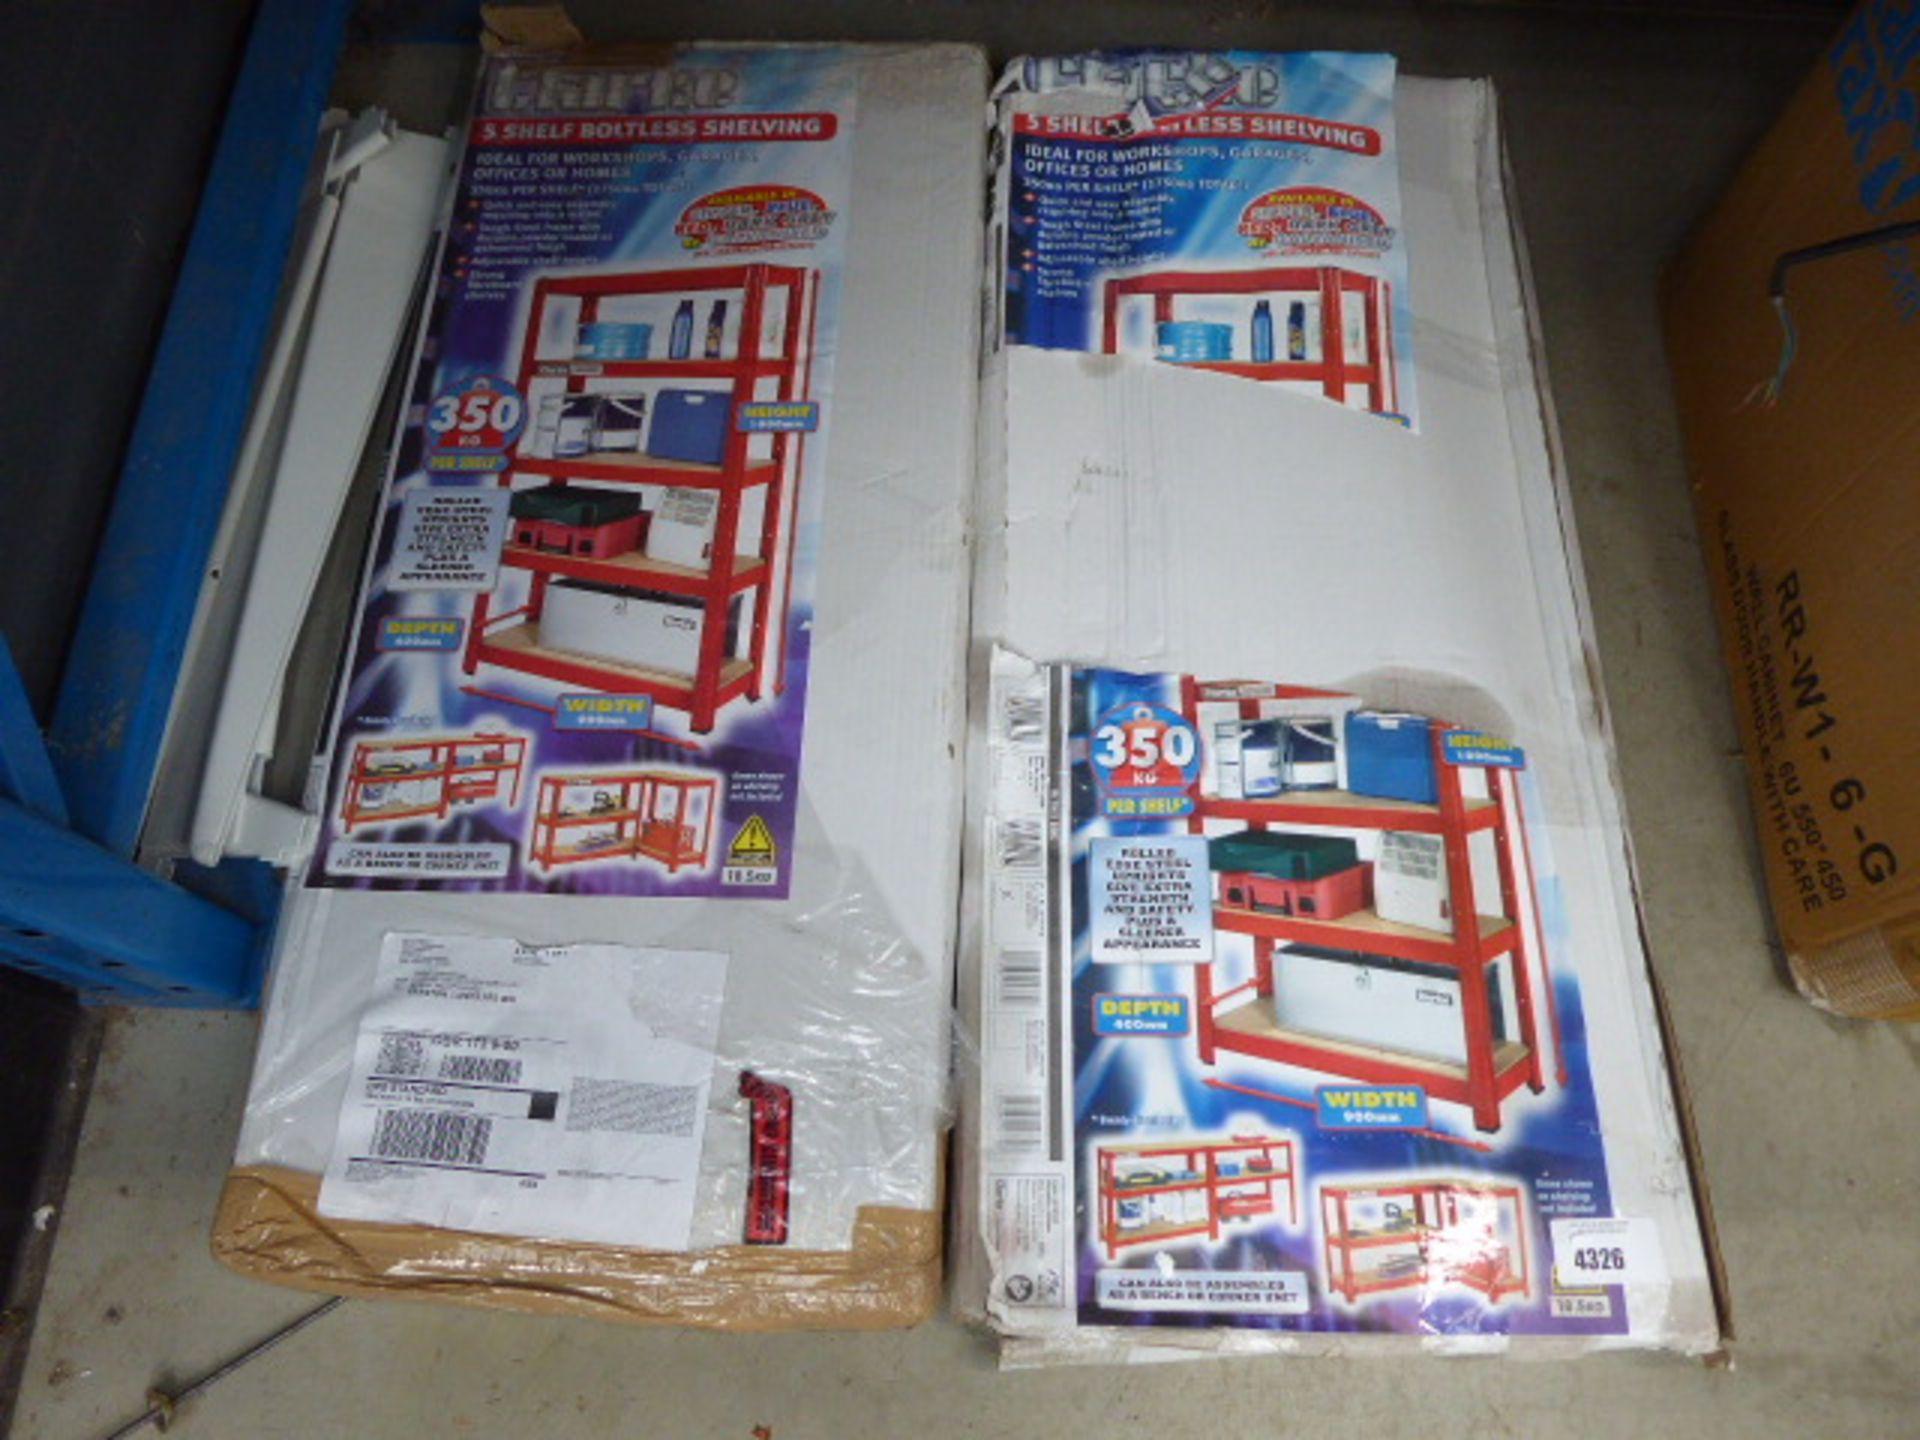 2 packs of flatpack racking